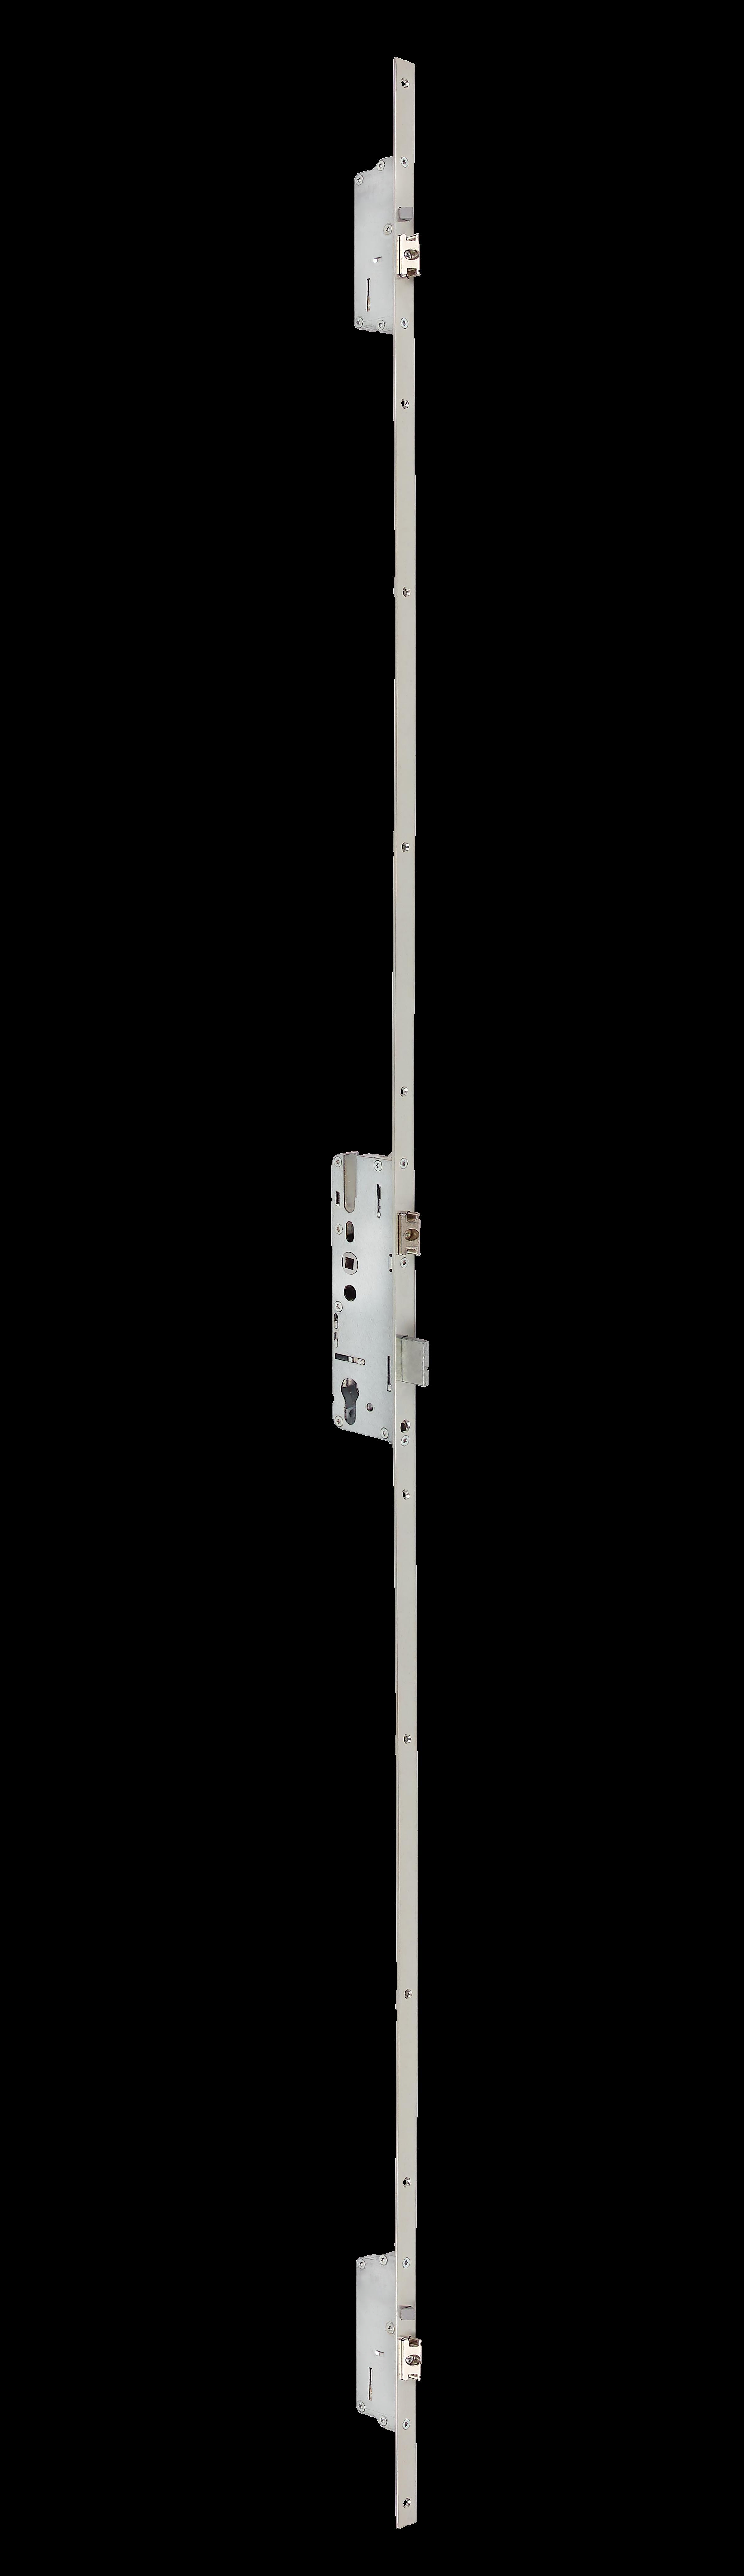 AutoEngage - Classic multi-point lock